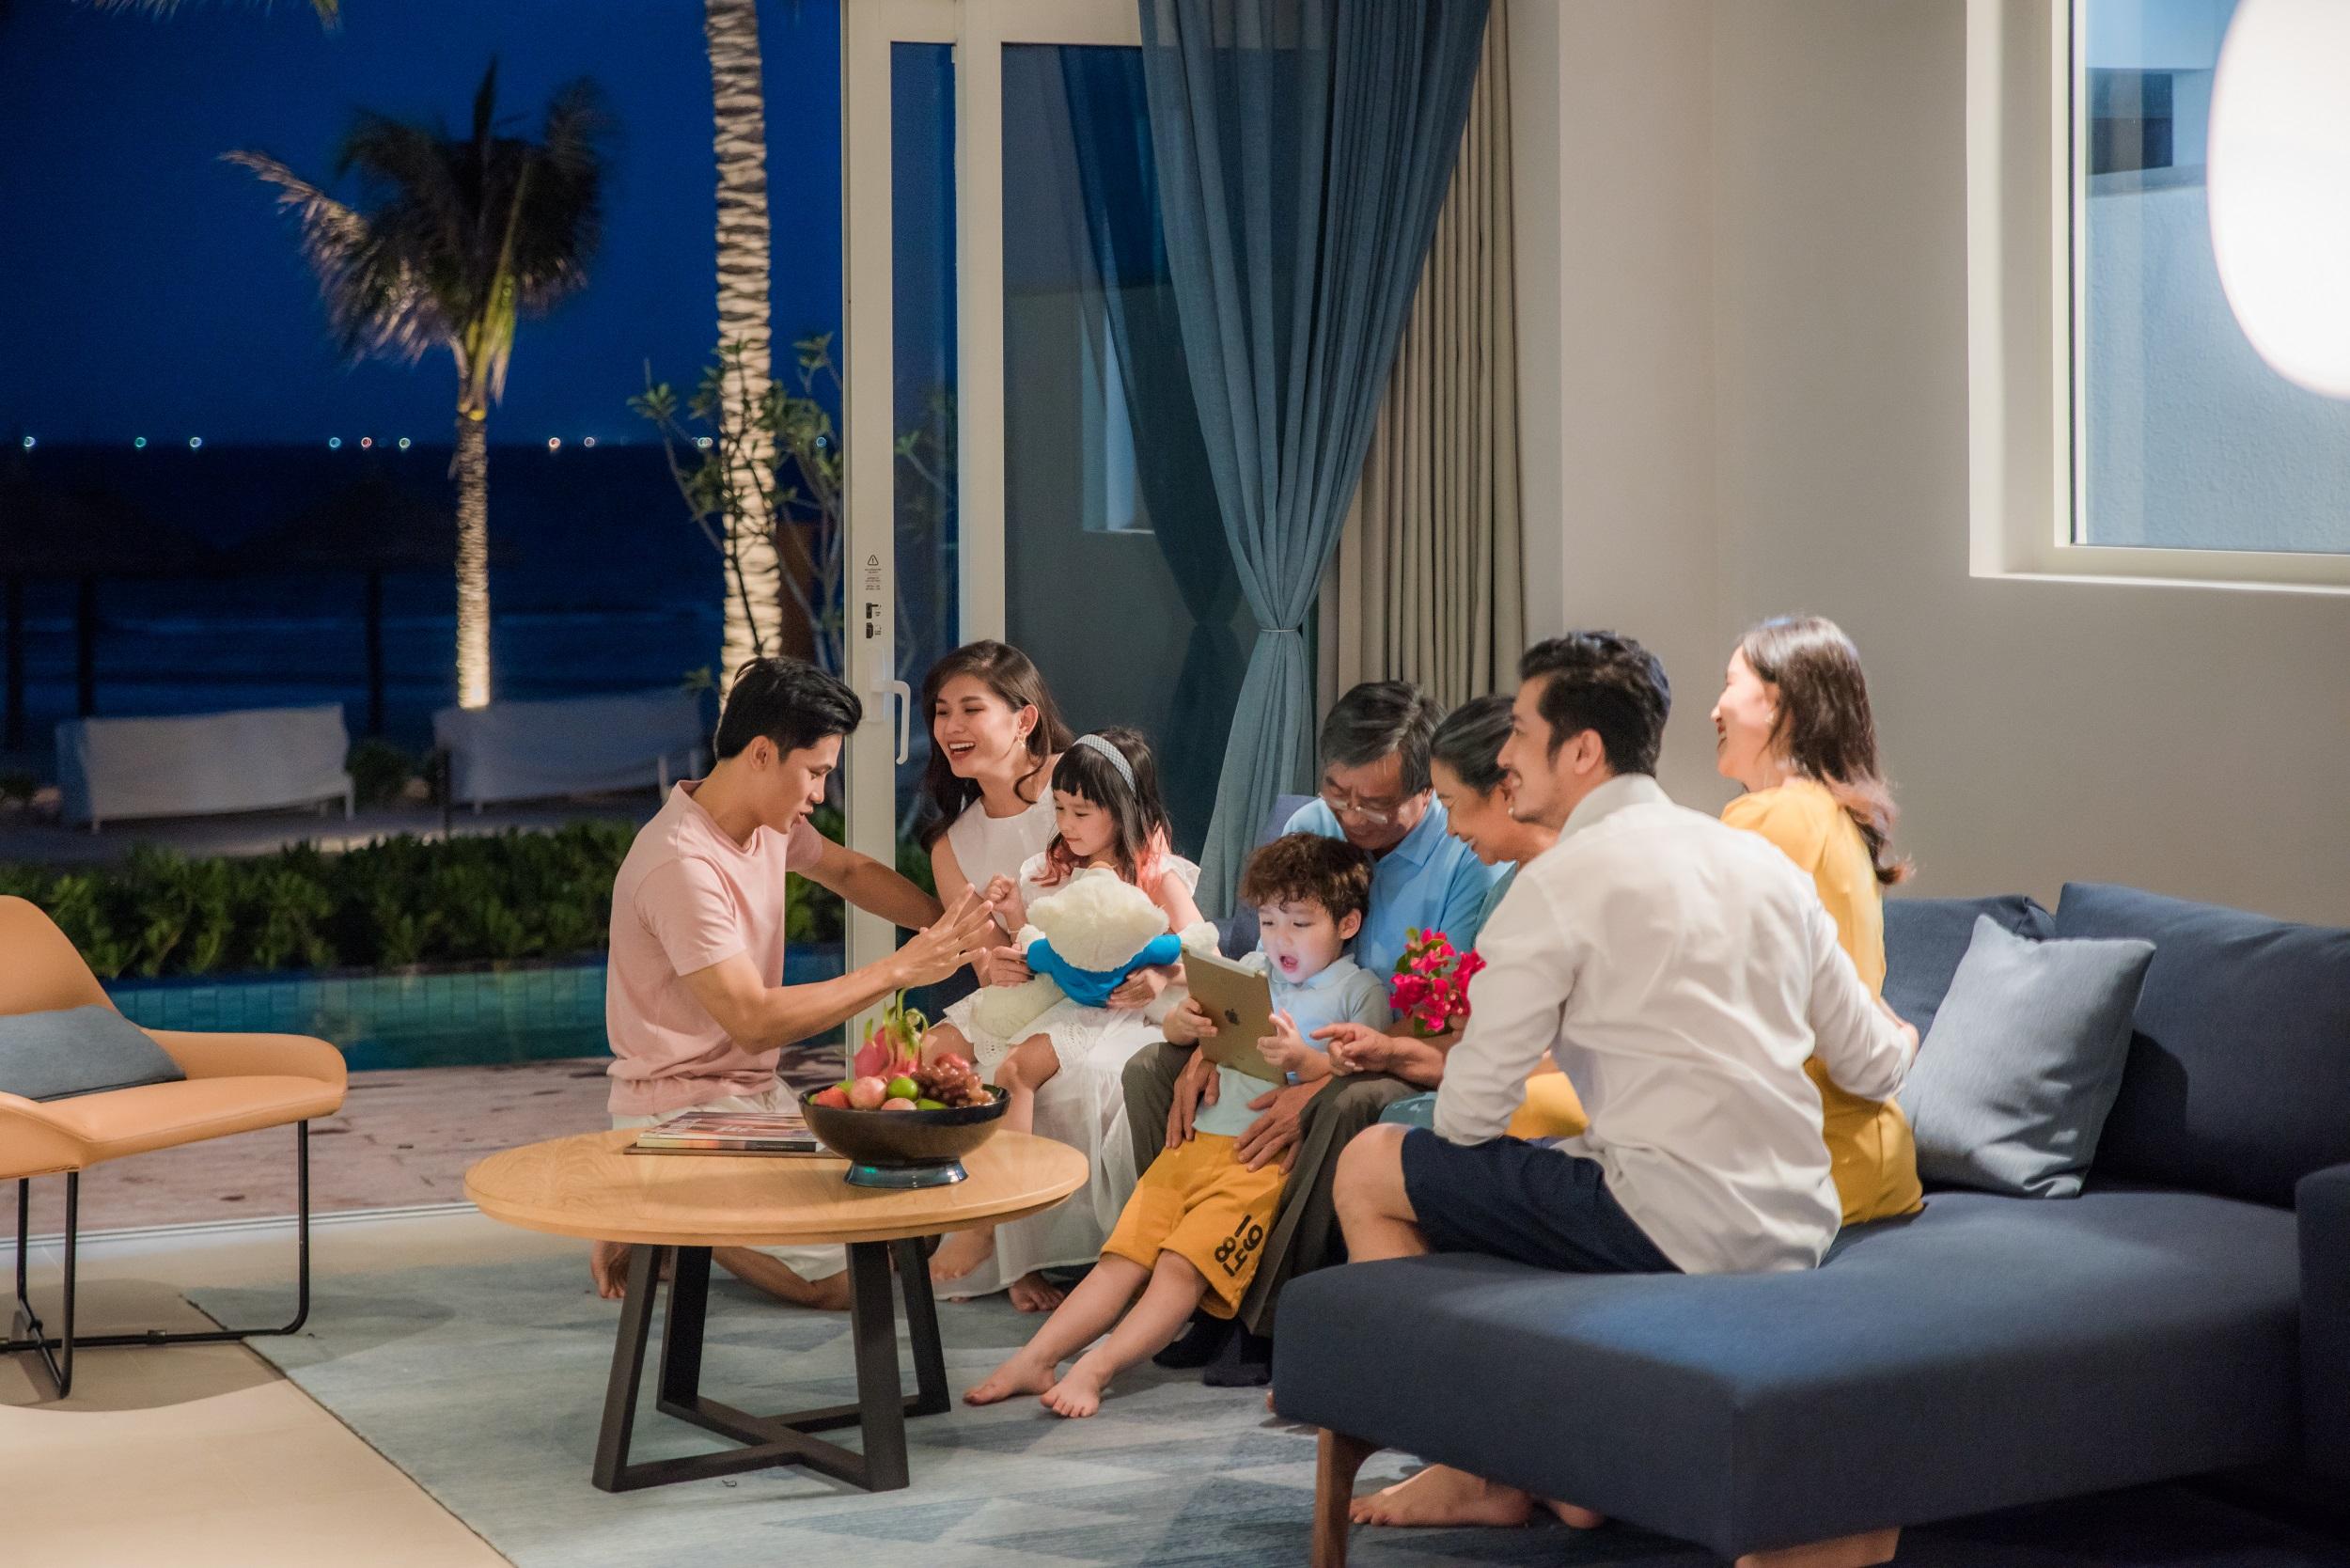 Điểm danh công ty top đầu triển khai sở hữu kỳ nghỉ ở Việt Nam